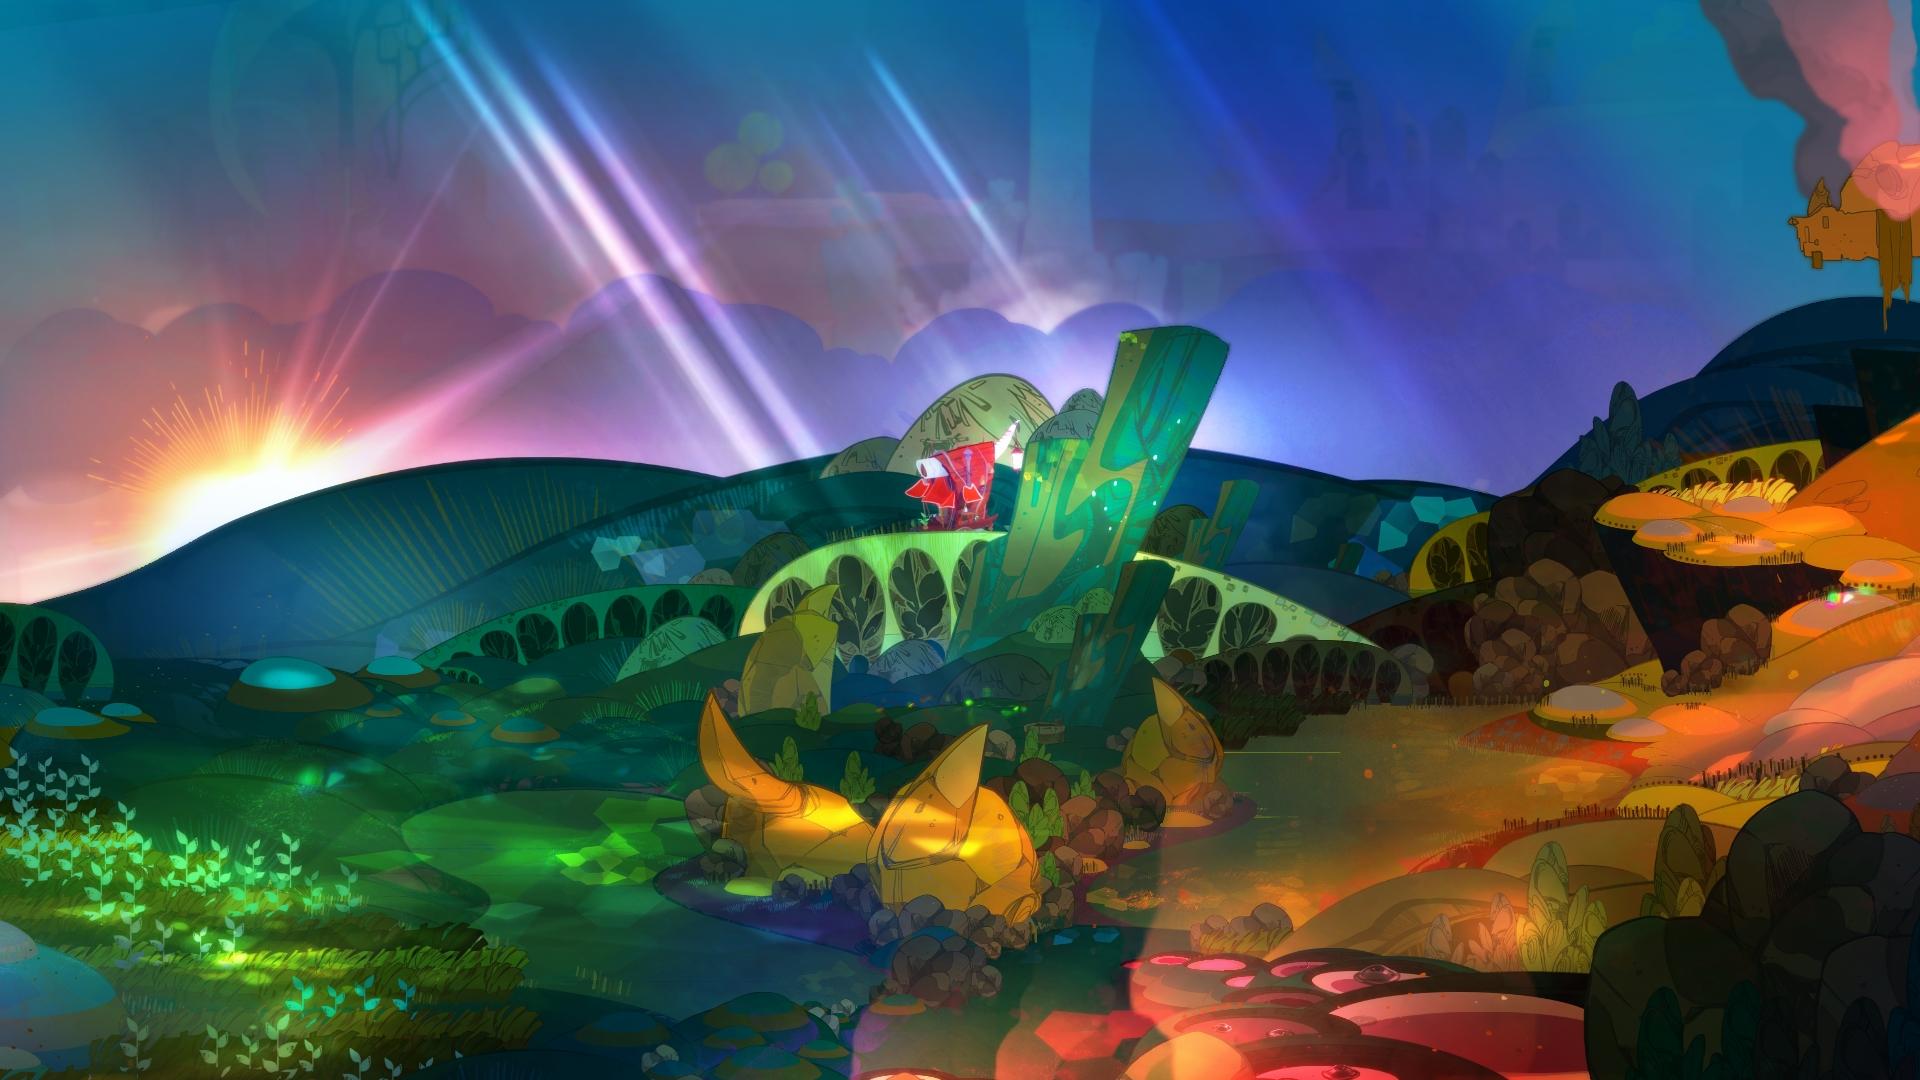 Cena de Pyre, terceiro jogo da Supergiant Games, que mostra um dos cenários por onde o vagão dos Nightwings vaga.